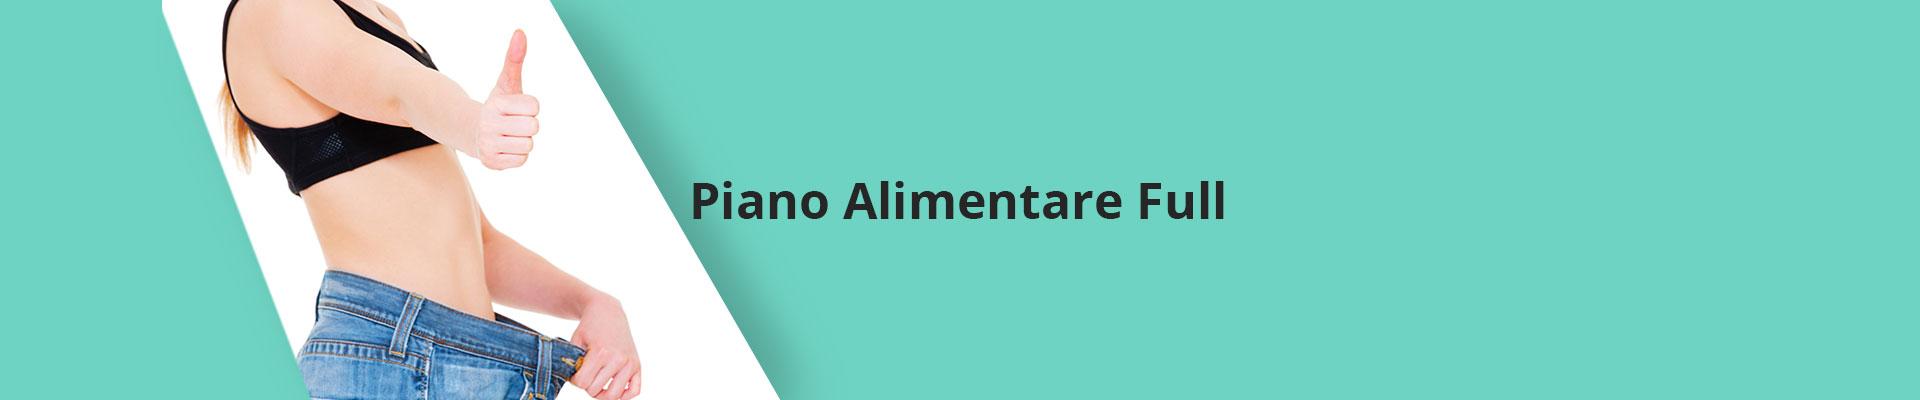 Piano-Alimentare-Full-Sanaline